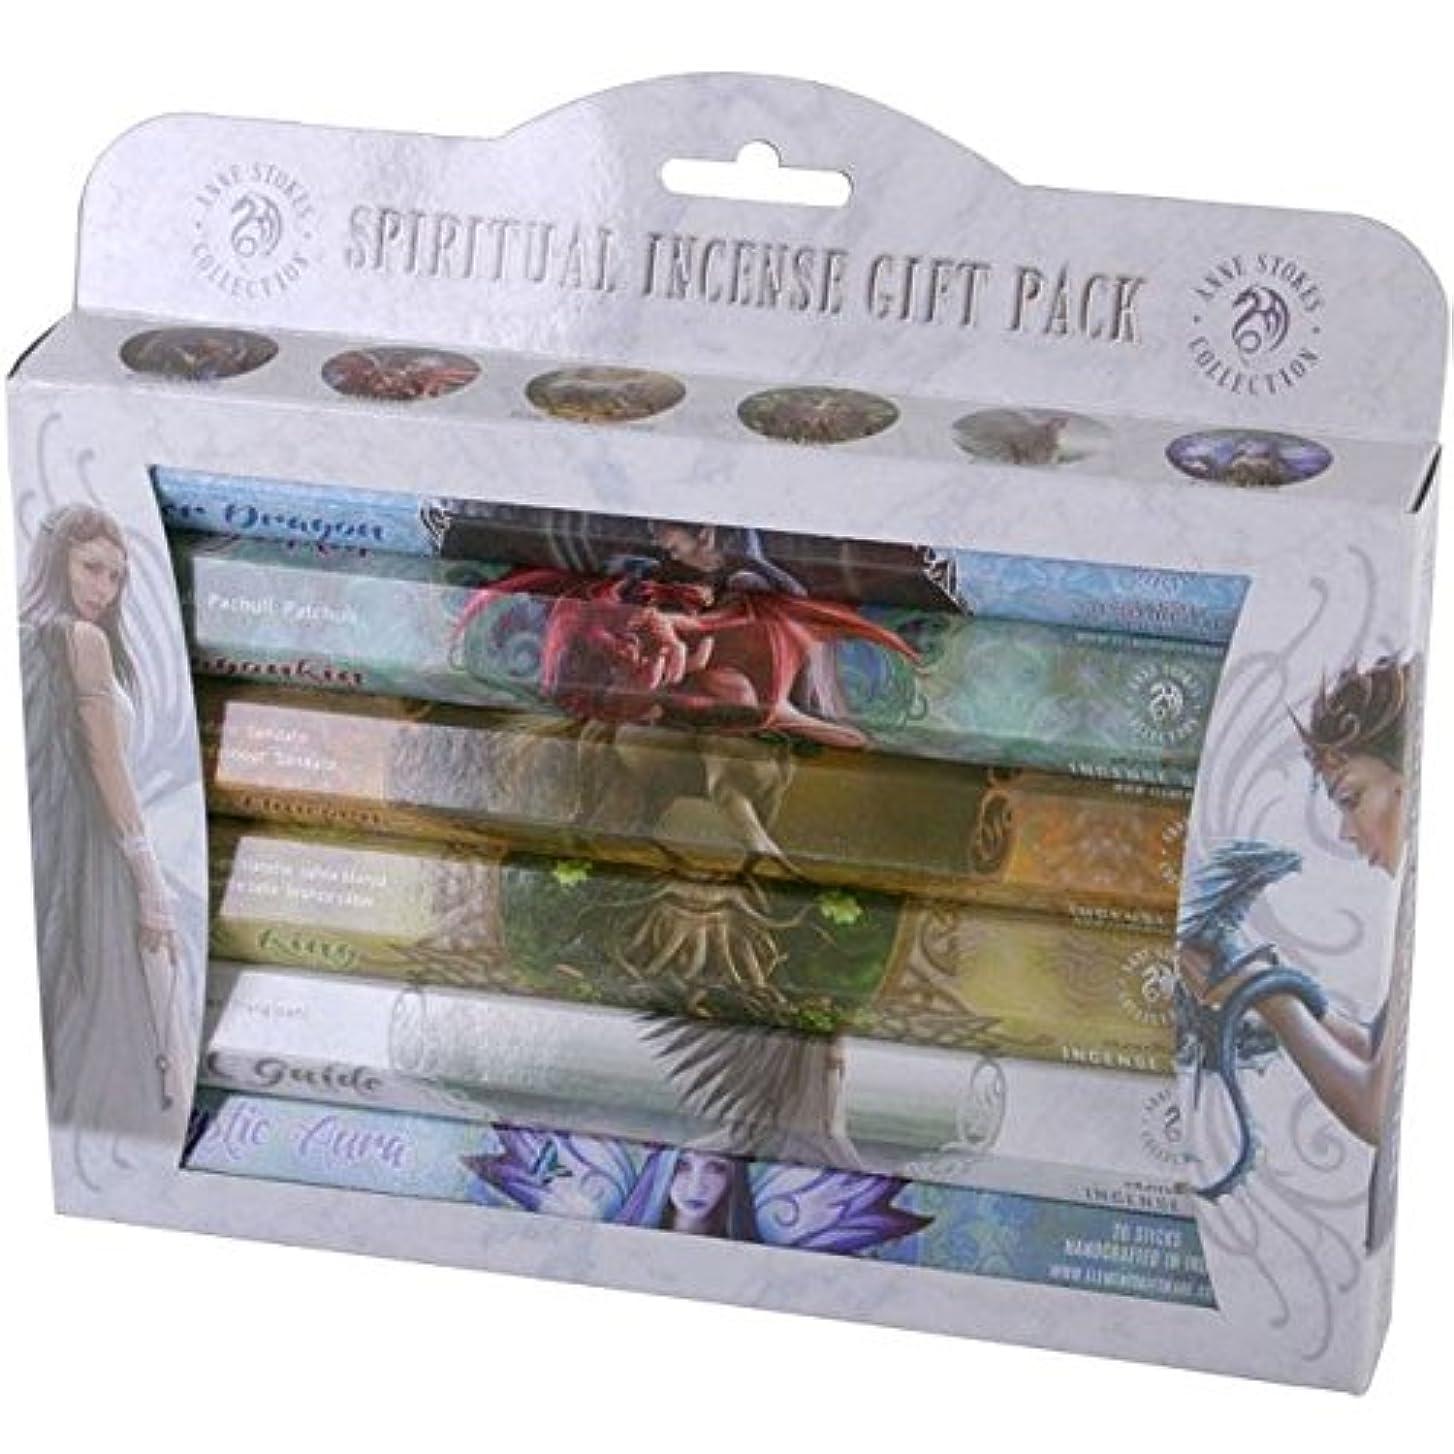 特別なスリットアスペクトSpiritual Incense Stick Gift Pack by Anne Stokes